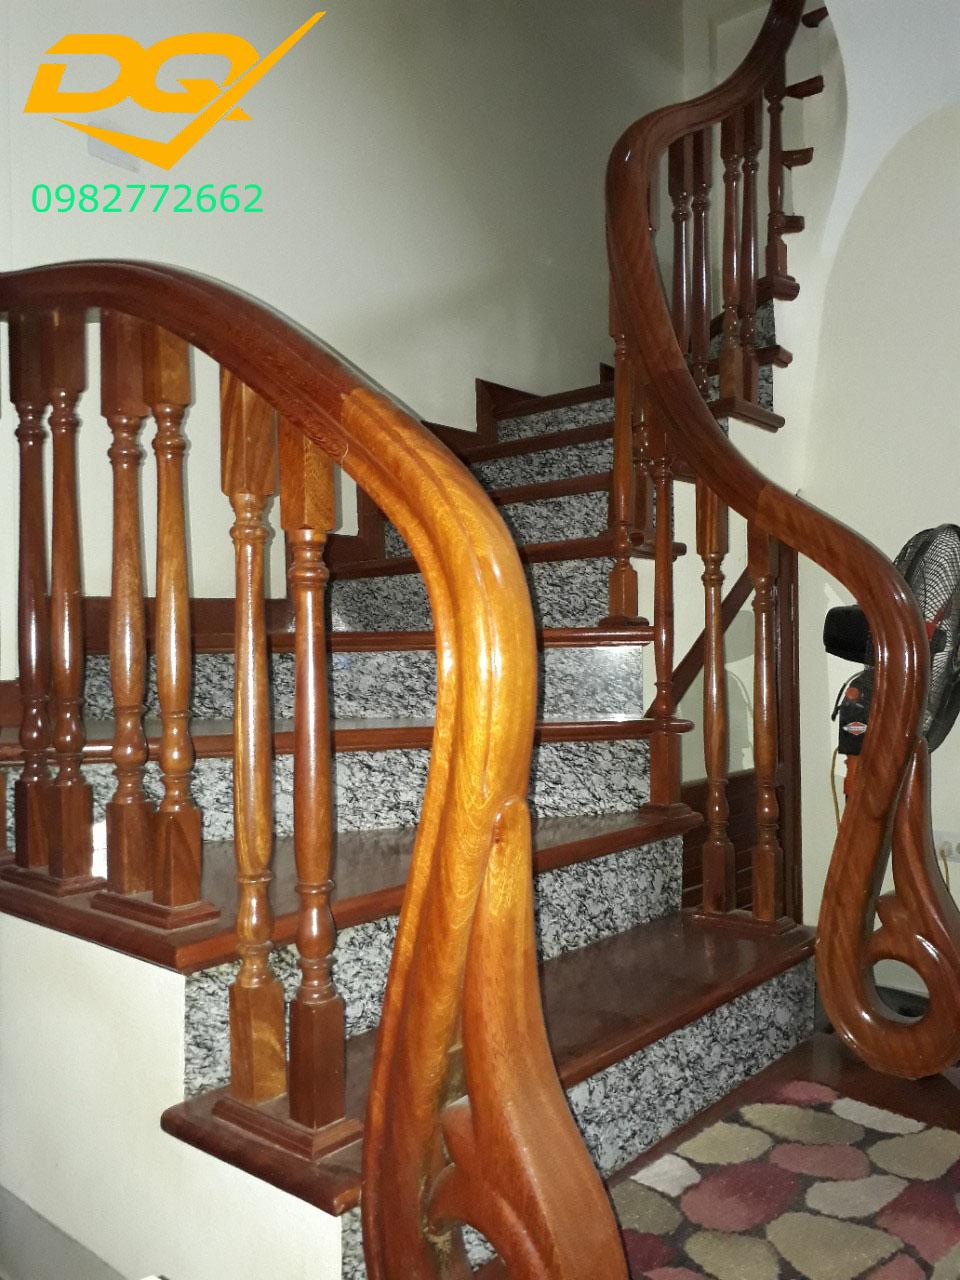 Mẫu cầu thang gỗ#8